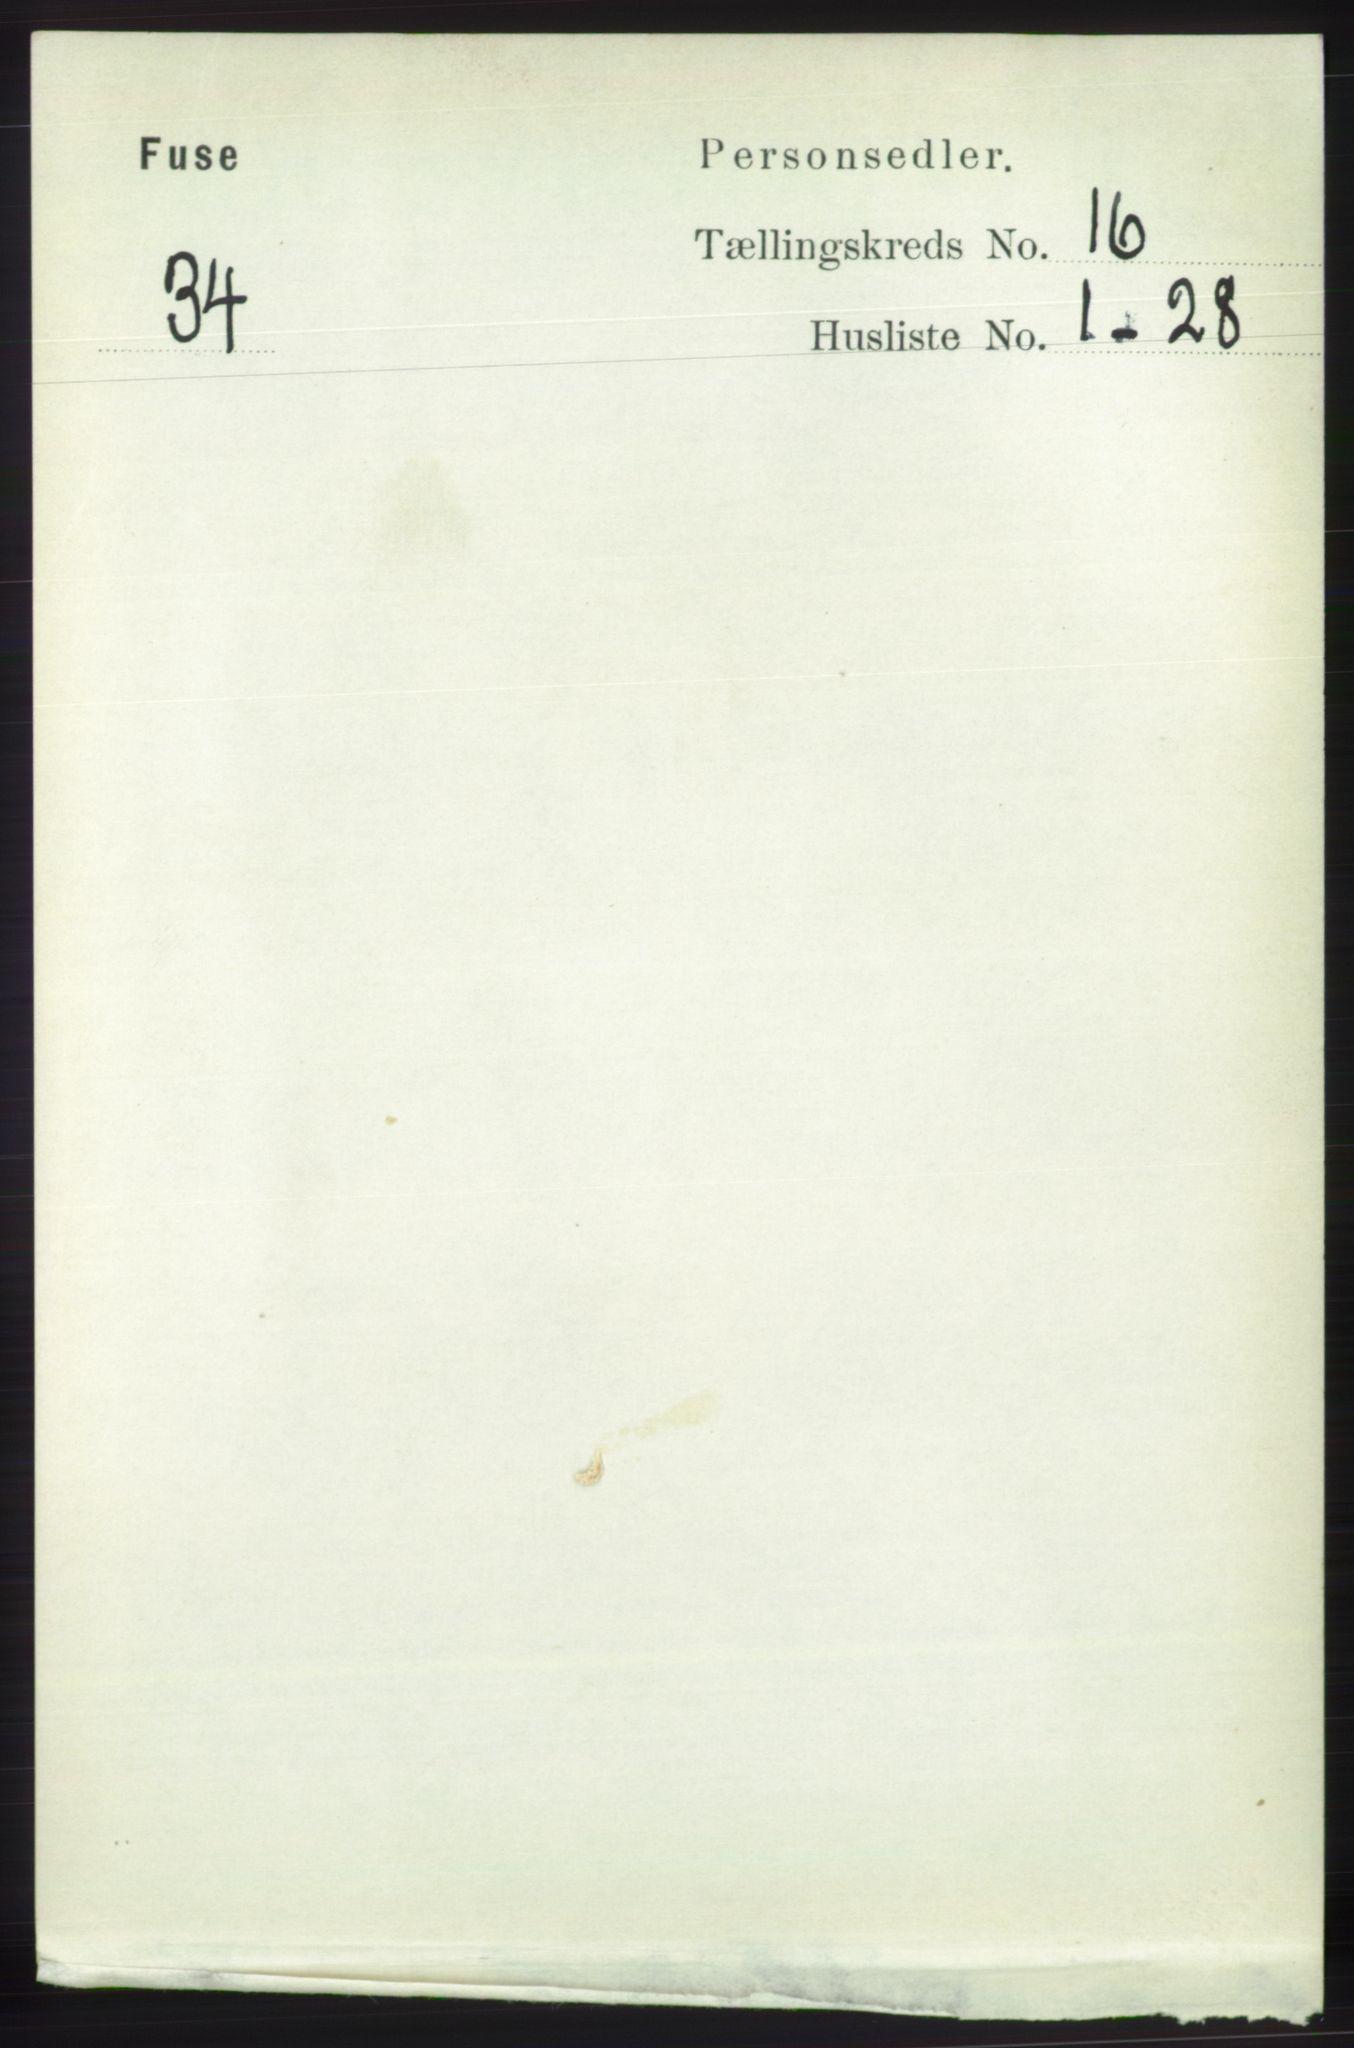 RA, Folketelling 1891 for 1241 Fusa herred, 1891, s. 3597